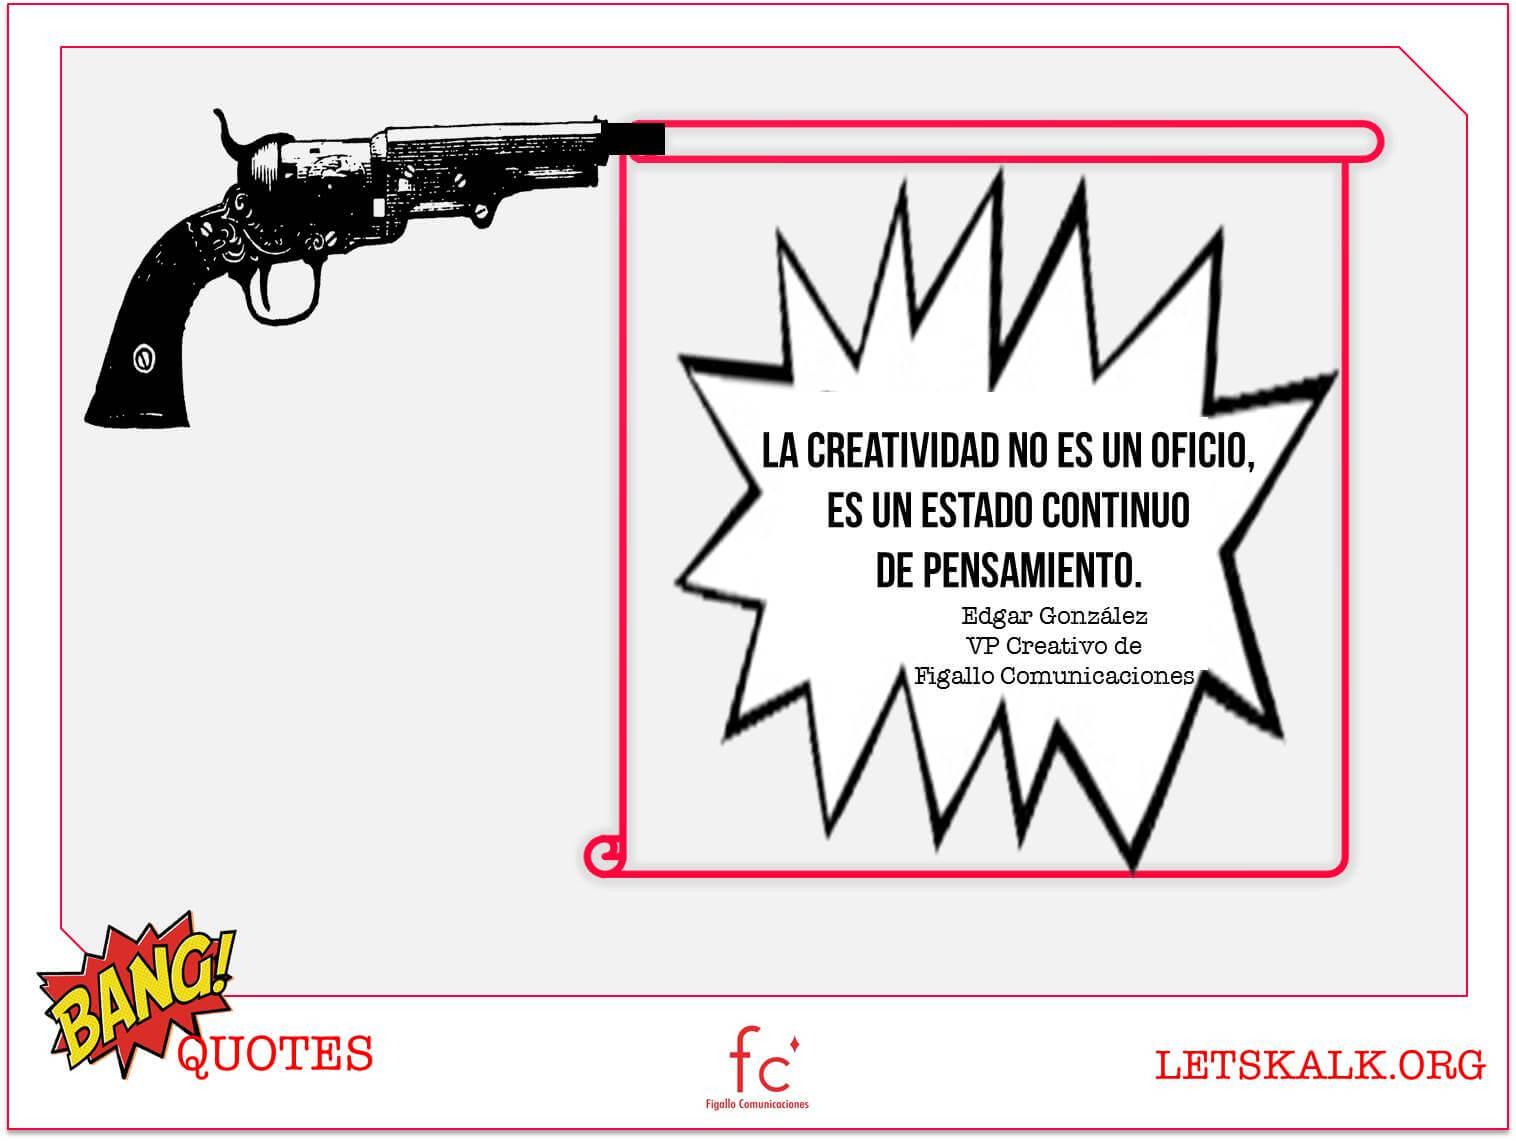 #BangQuotes: La creatividad no es un oficio, es un estado continuo de pensamiento